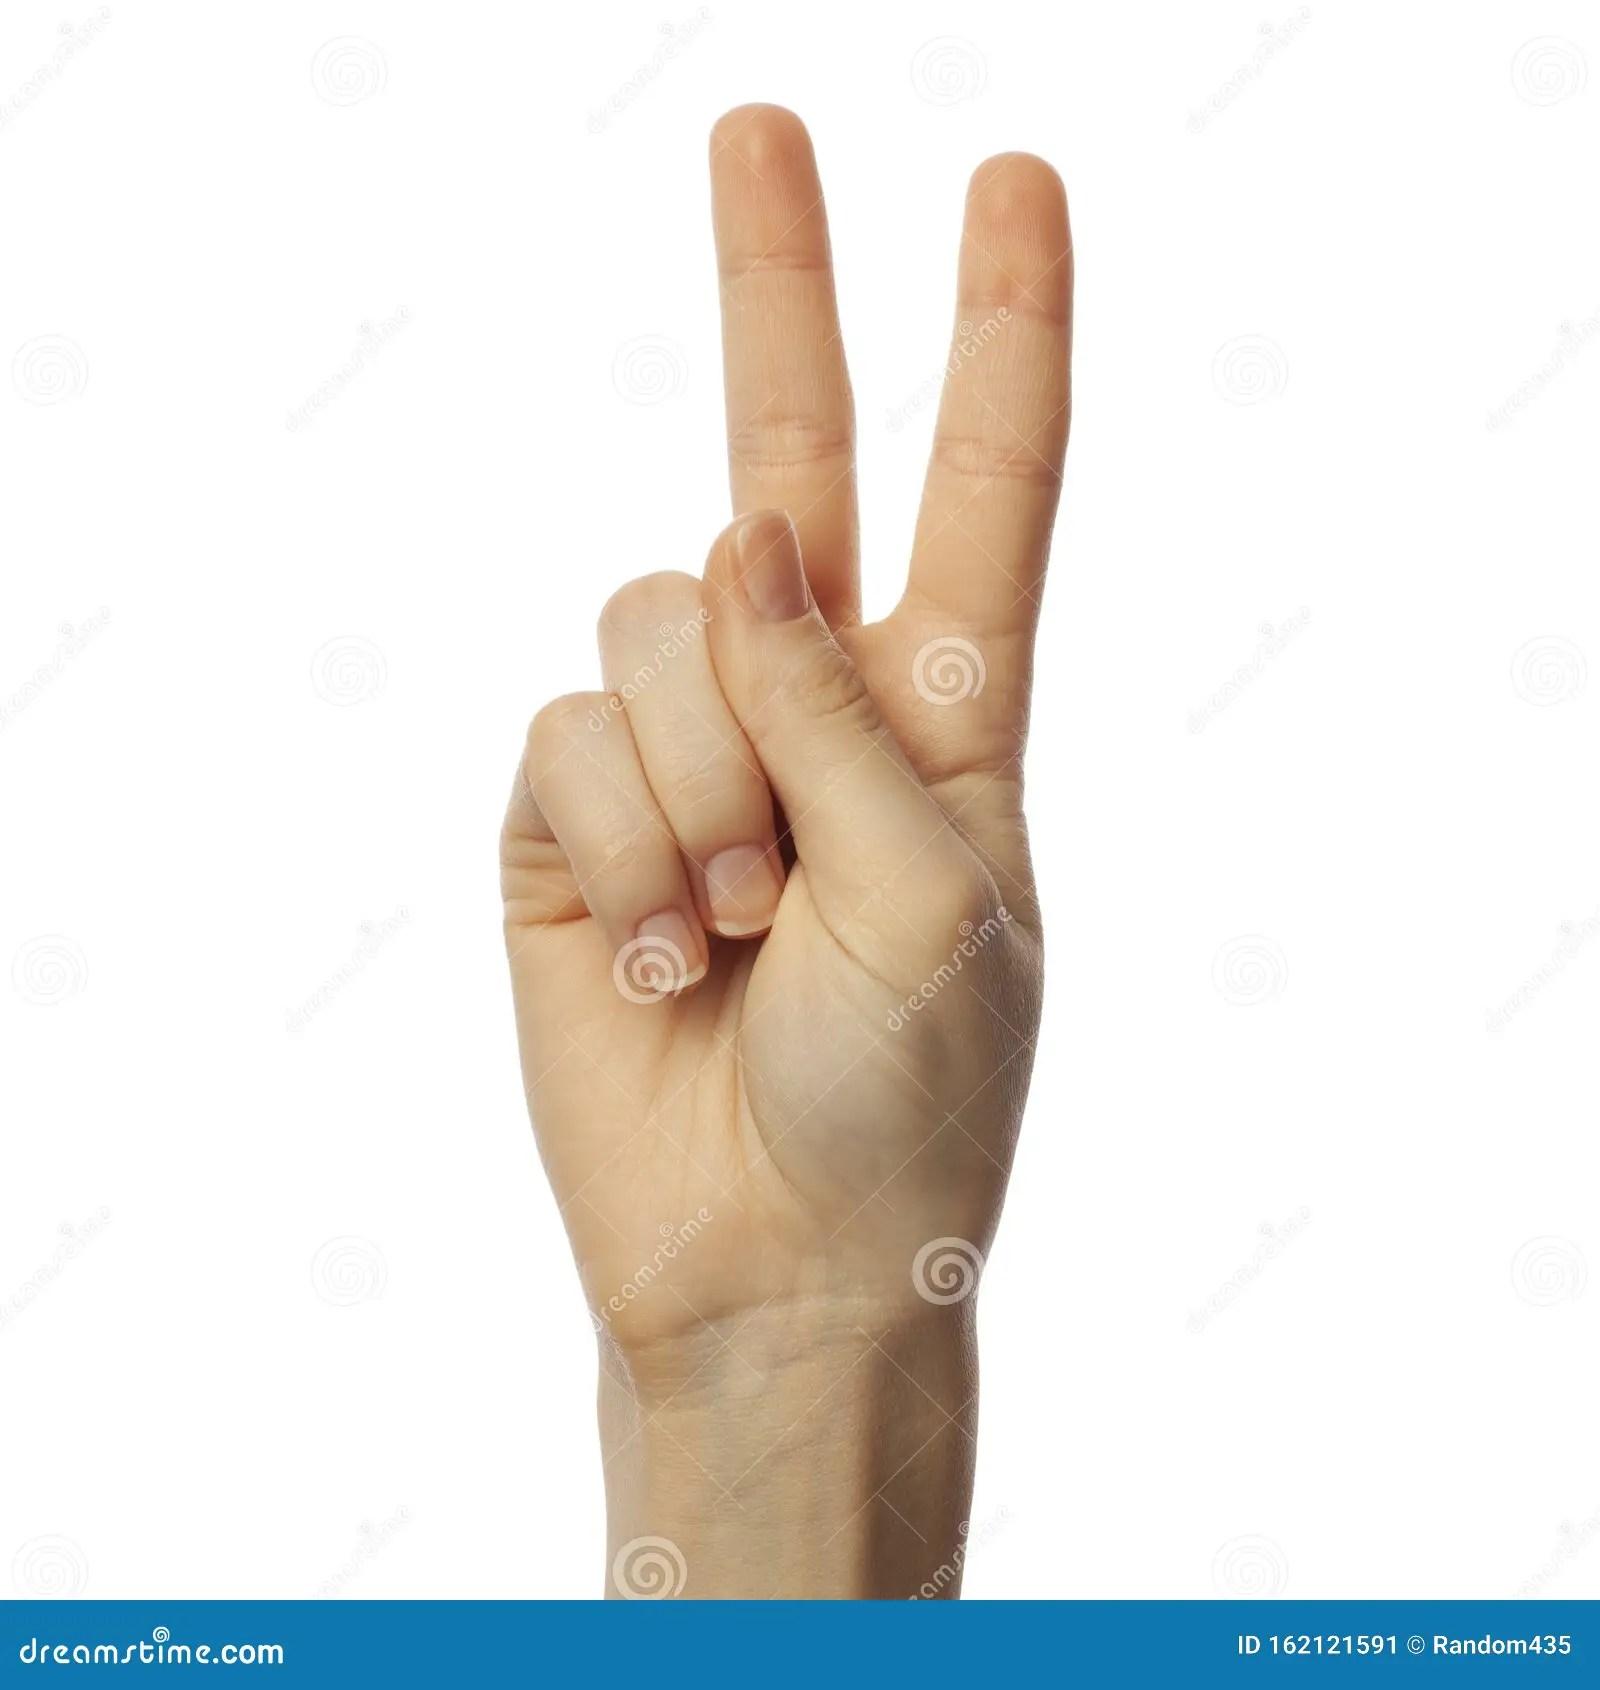 Finger Spelling Letter V In American Sign Language On